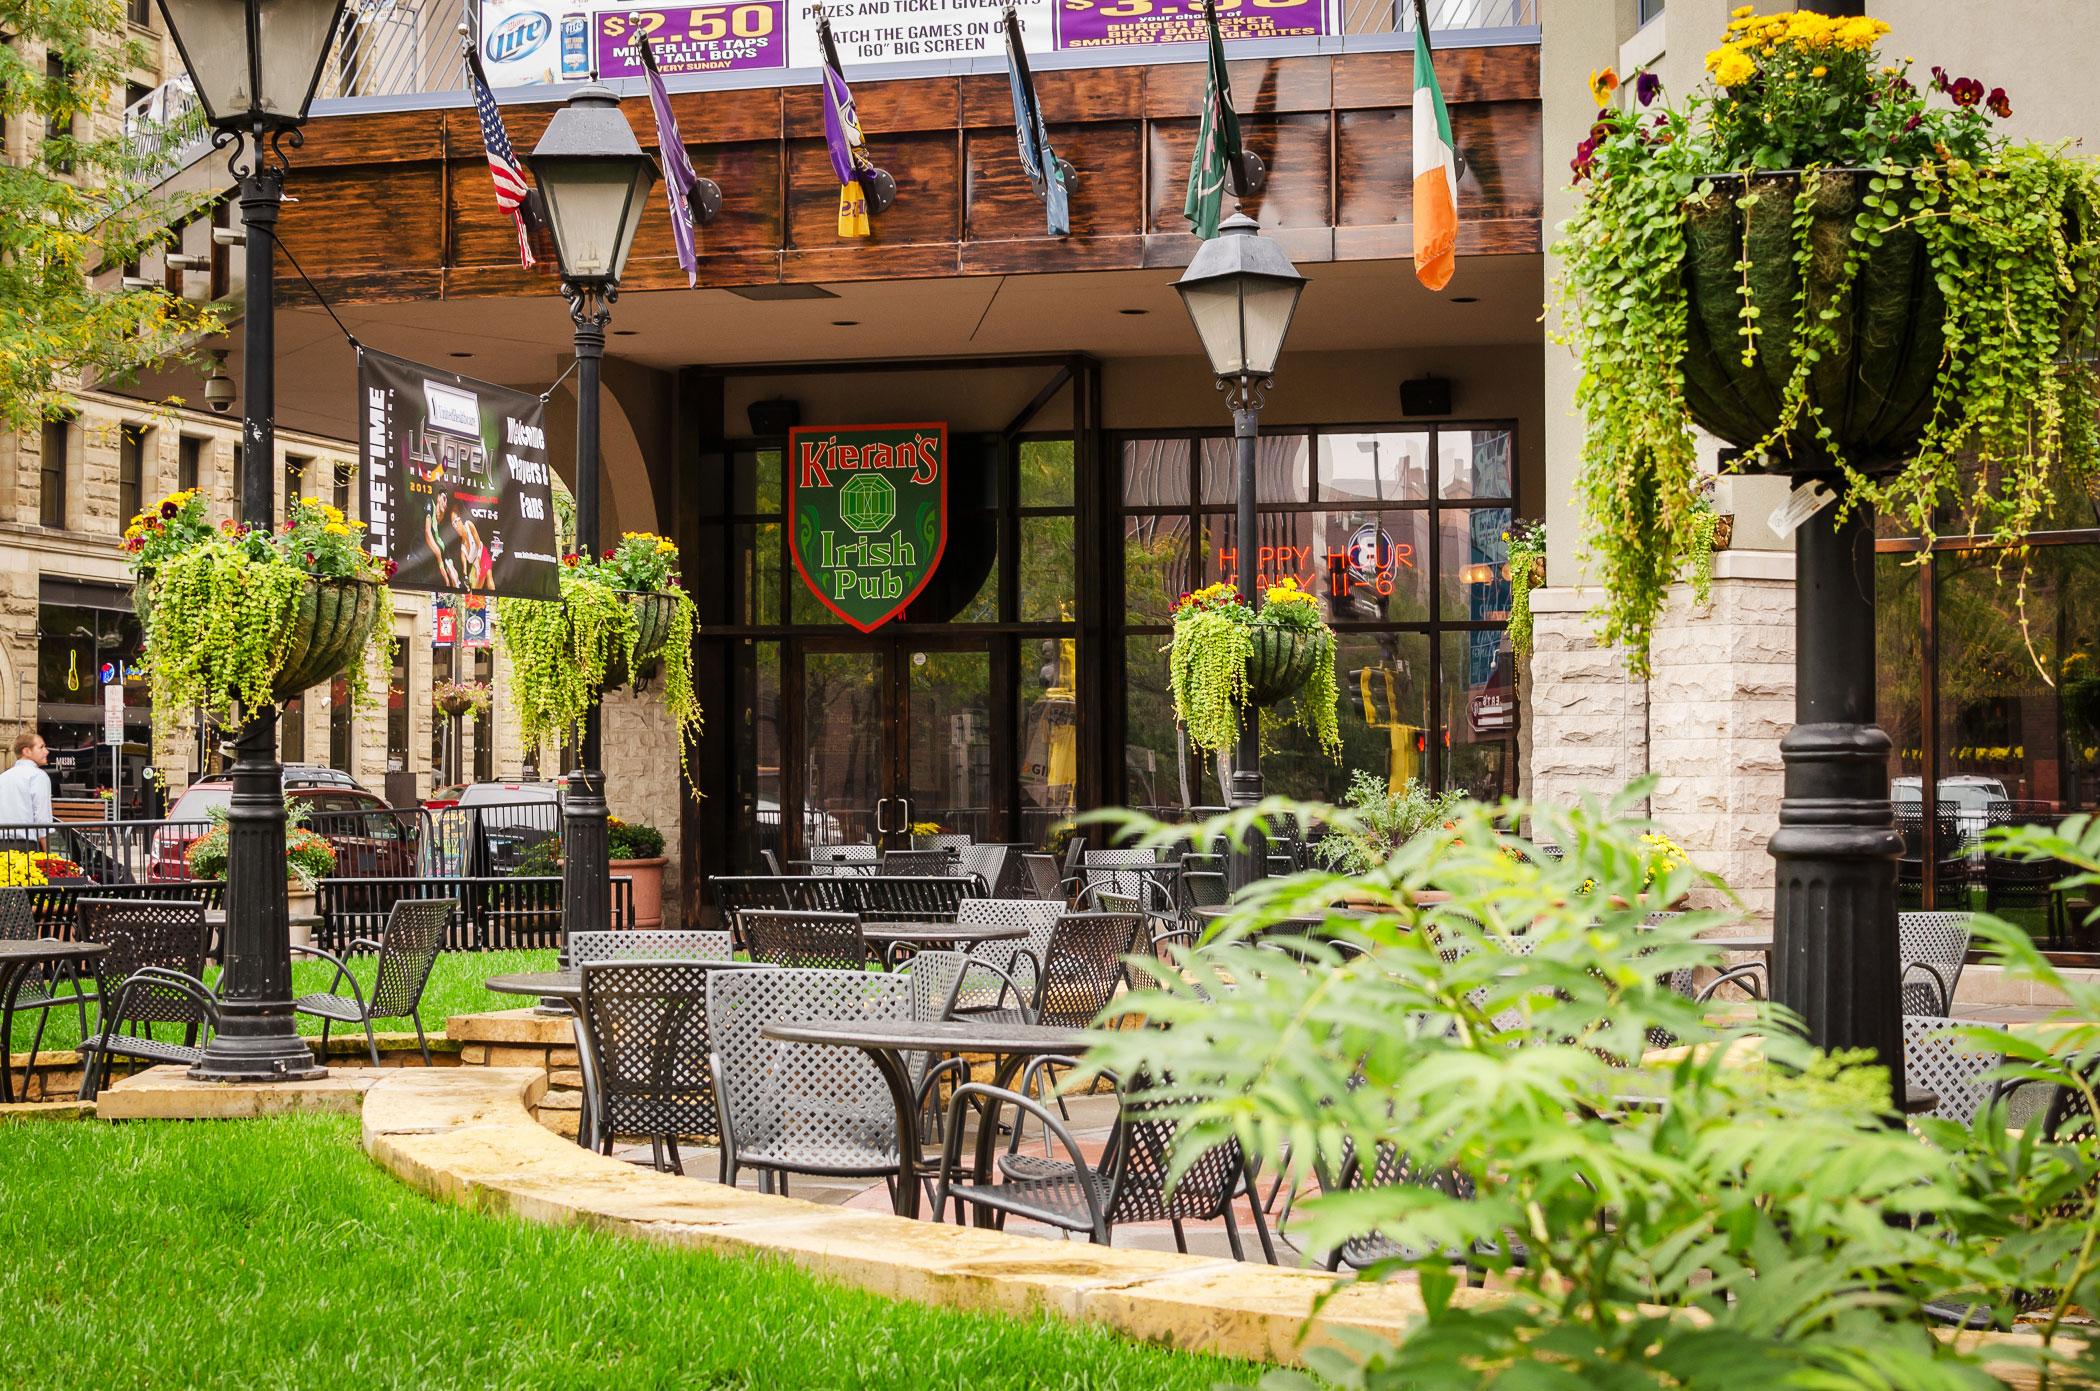 Kieran's Irish Pub Minneapolis